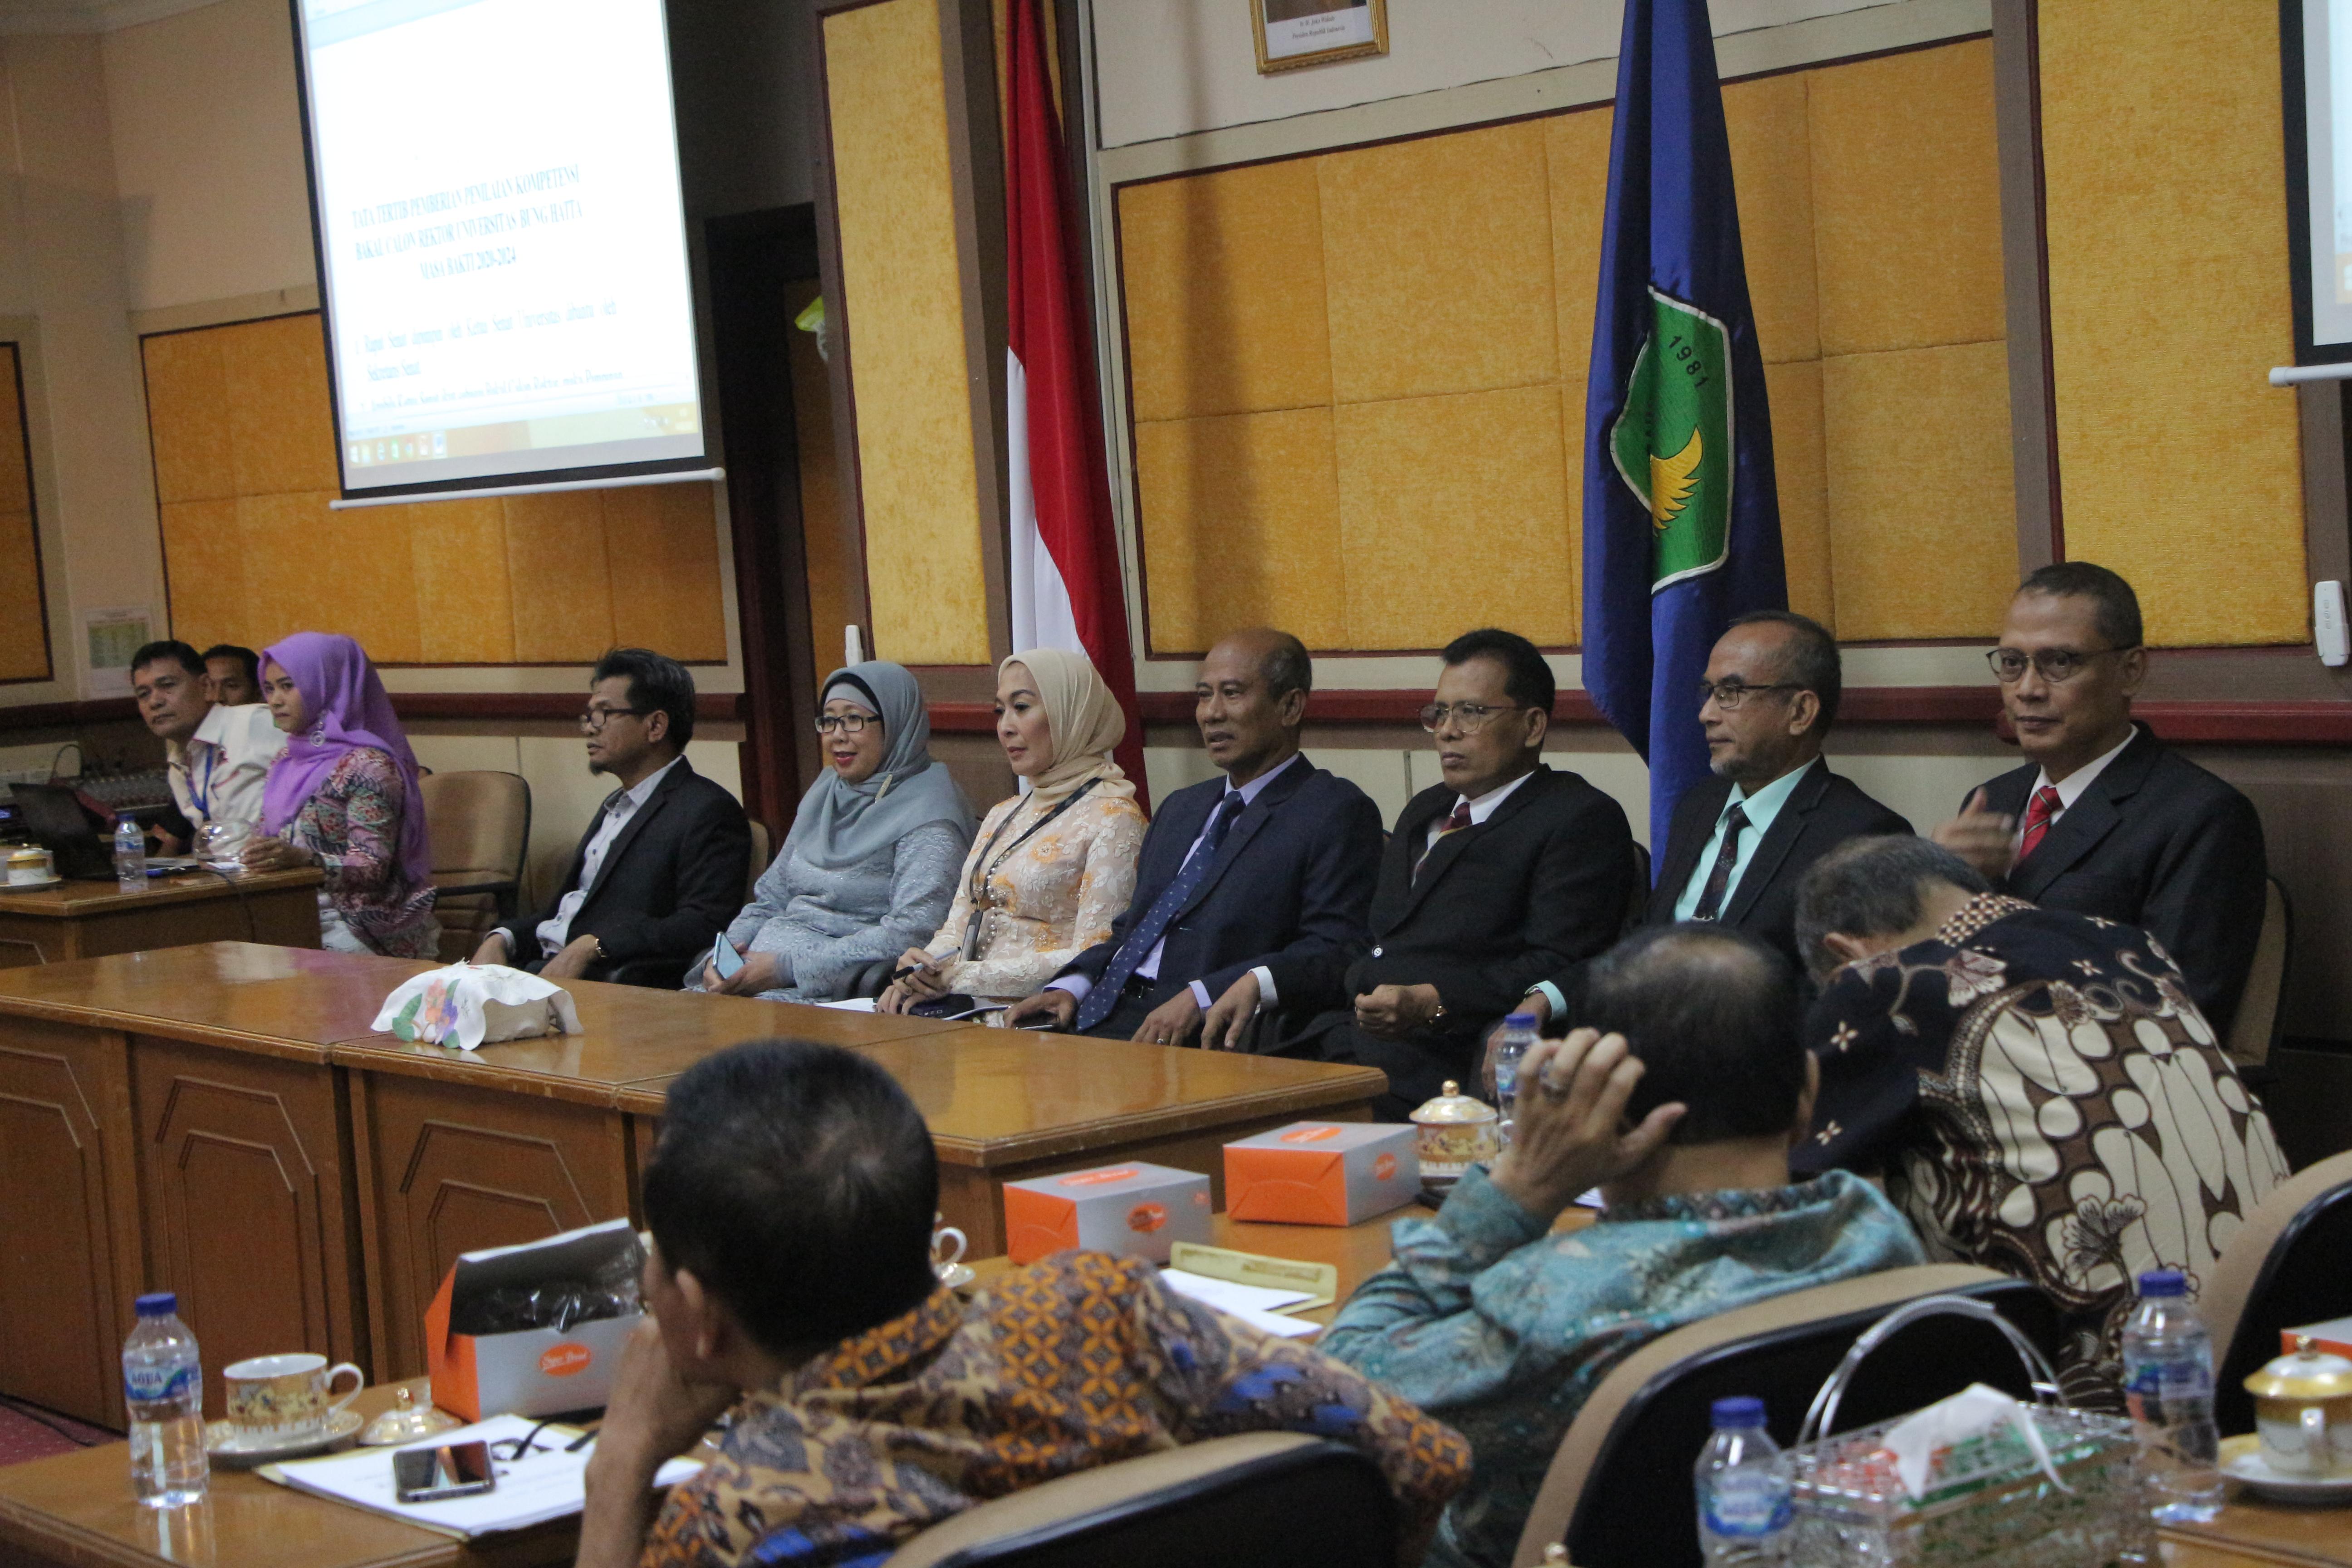 Tujuh Balon Rektor Univ. Bung Hatta Periode 2020-2024 Sampaikan Visi-Misi di Hadapan Senat Universitas